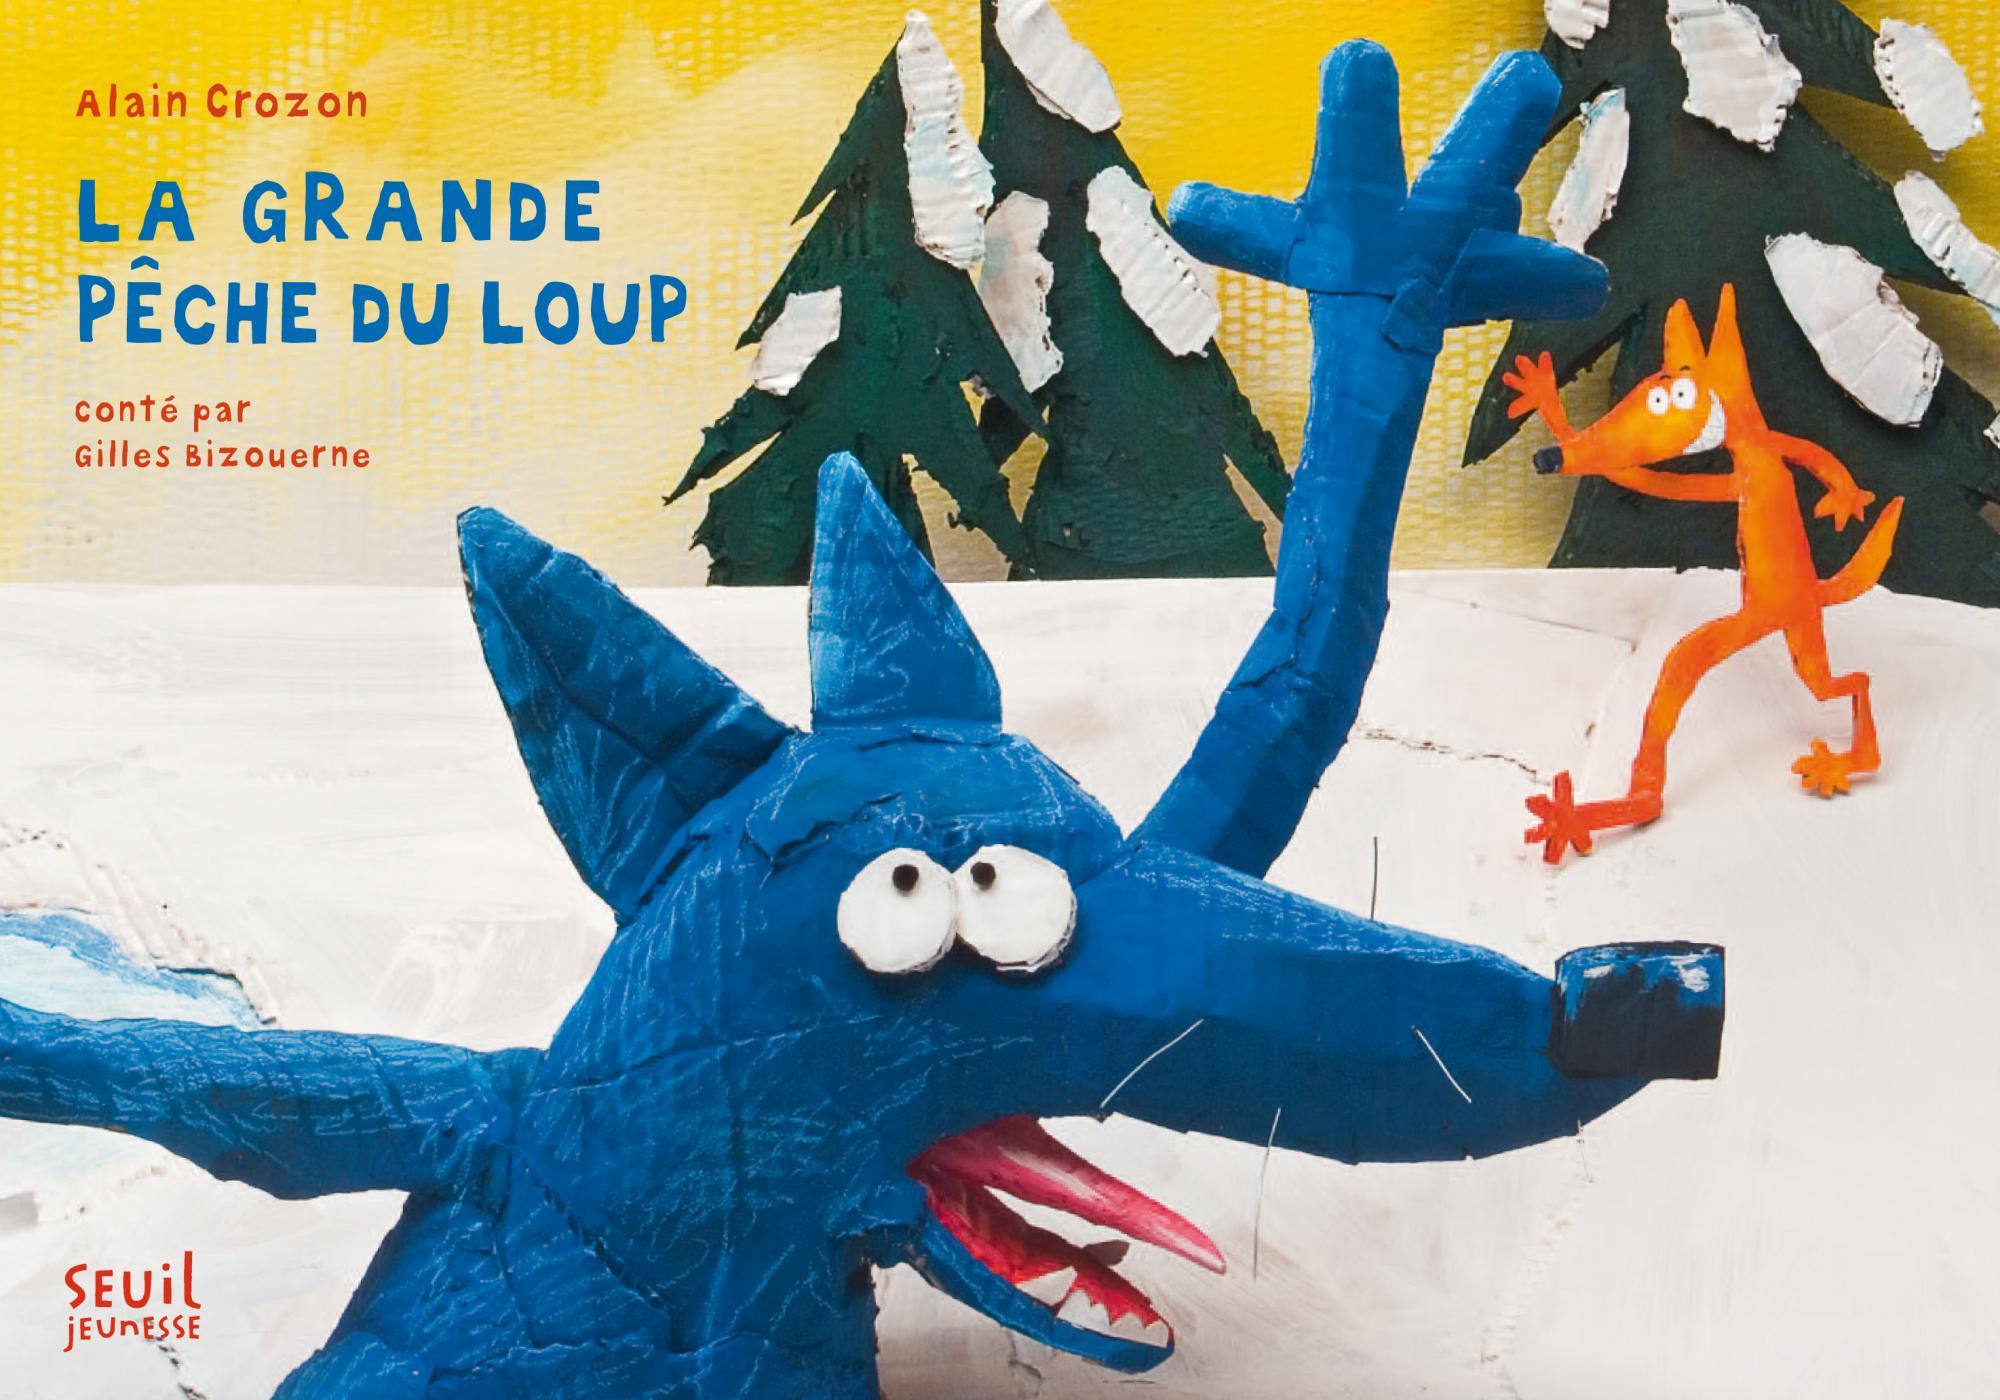 La Grande Pêche du loup - Gilles Bizouerne | Editions ...